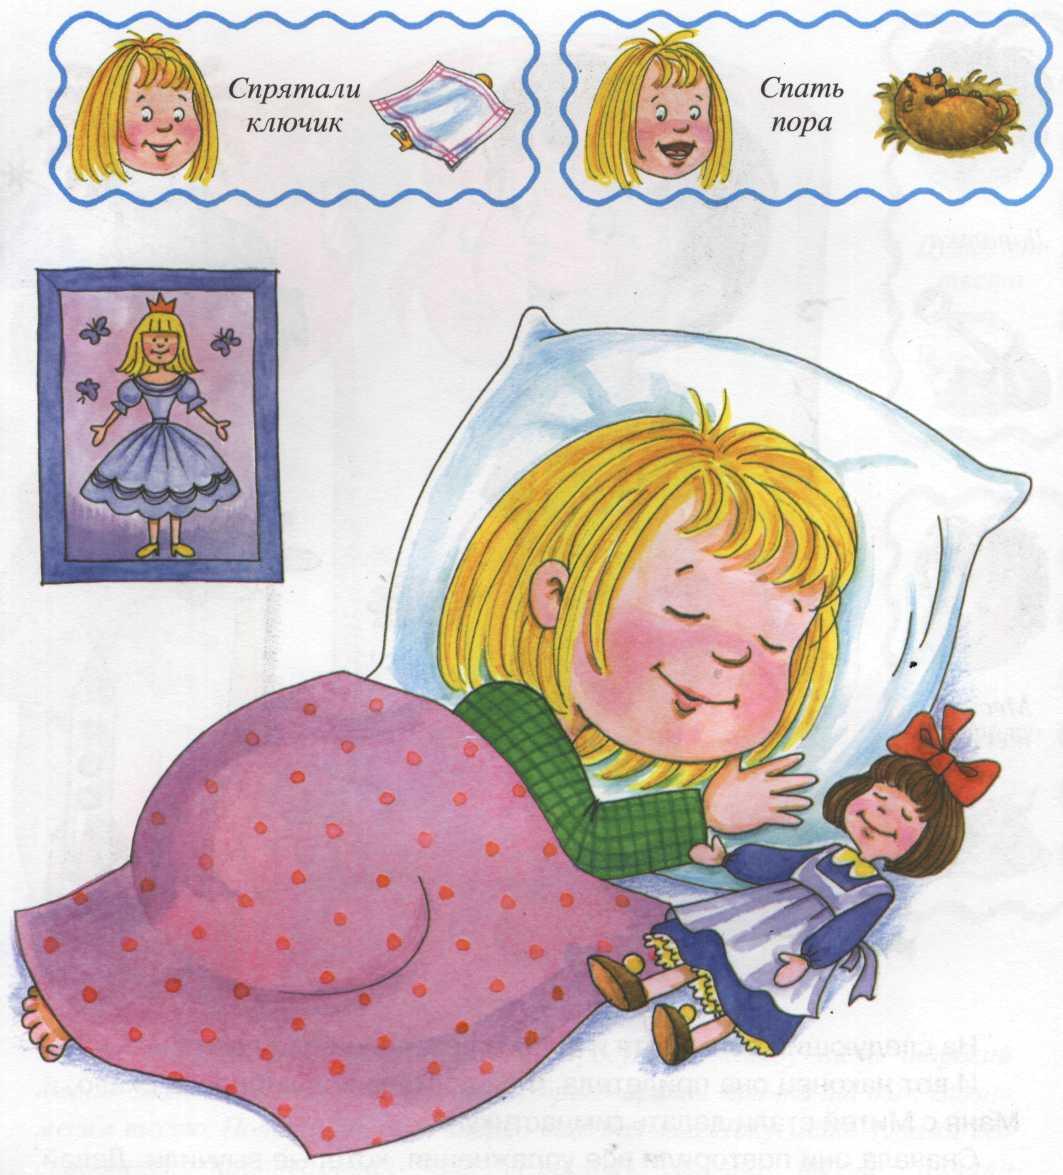 Спать пора картинки, открытки